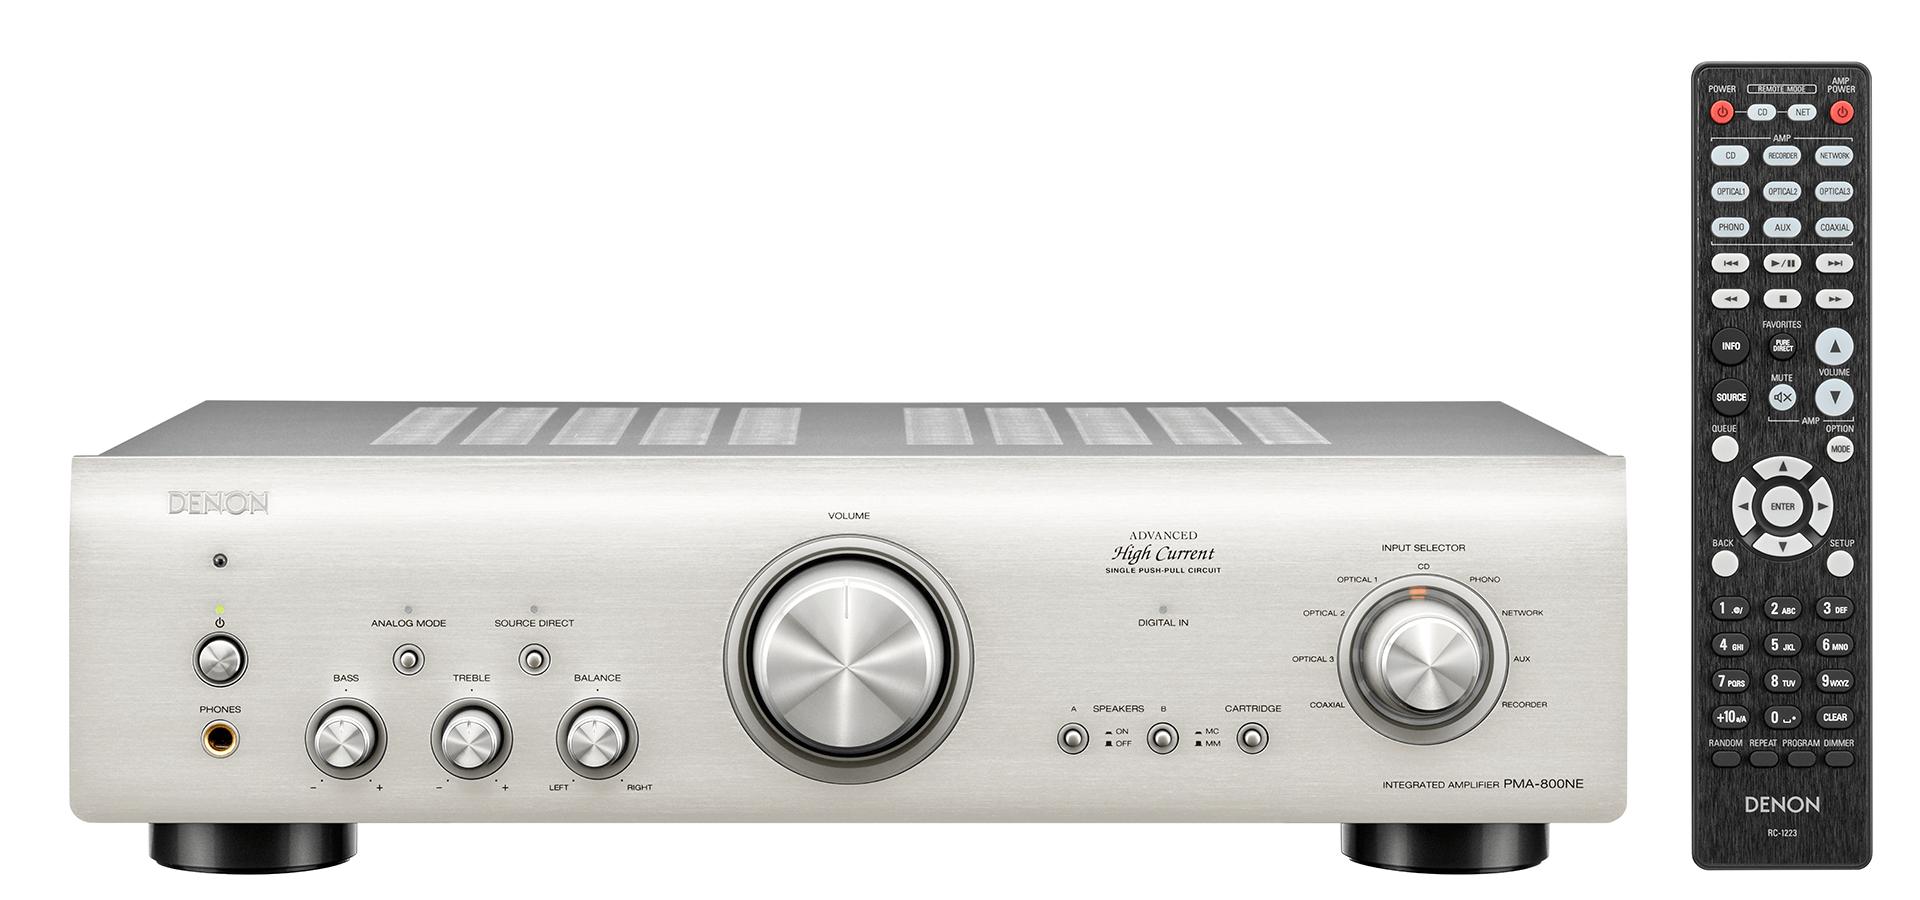 Ampli Denon PMA-800NE tích hợp DAC | Anh Duy Audio